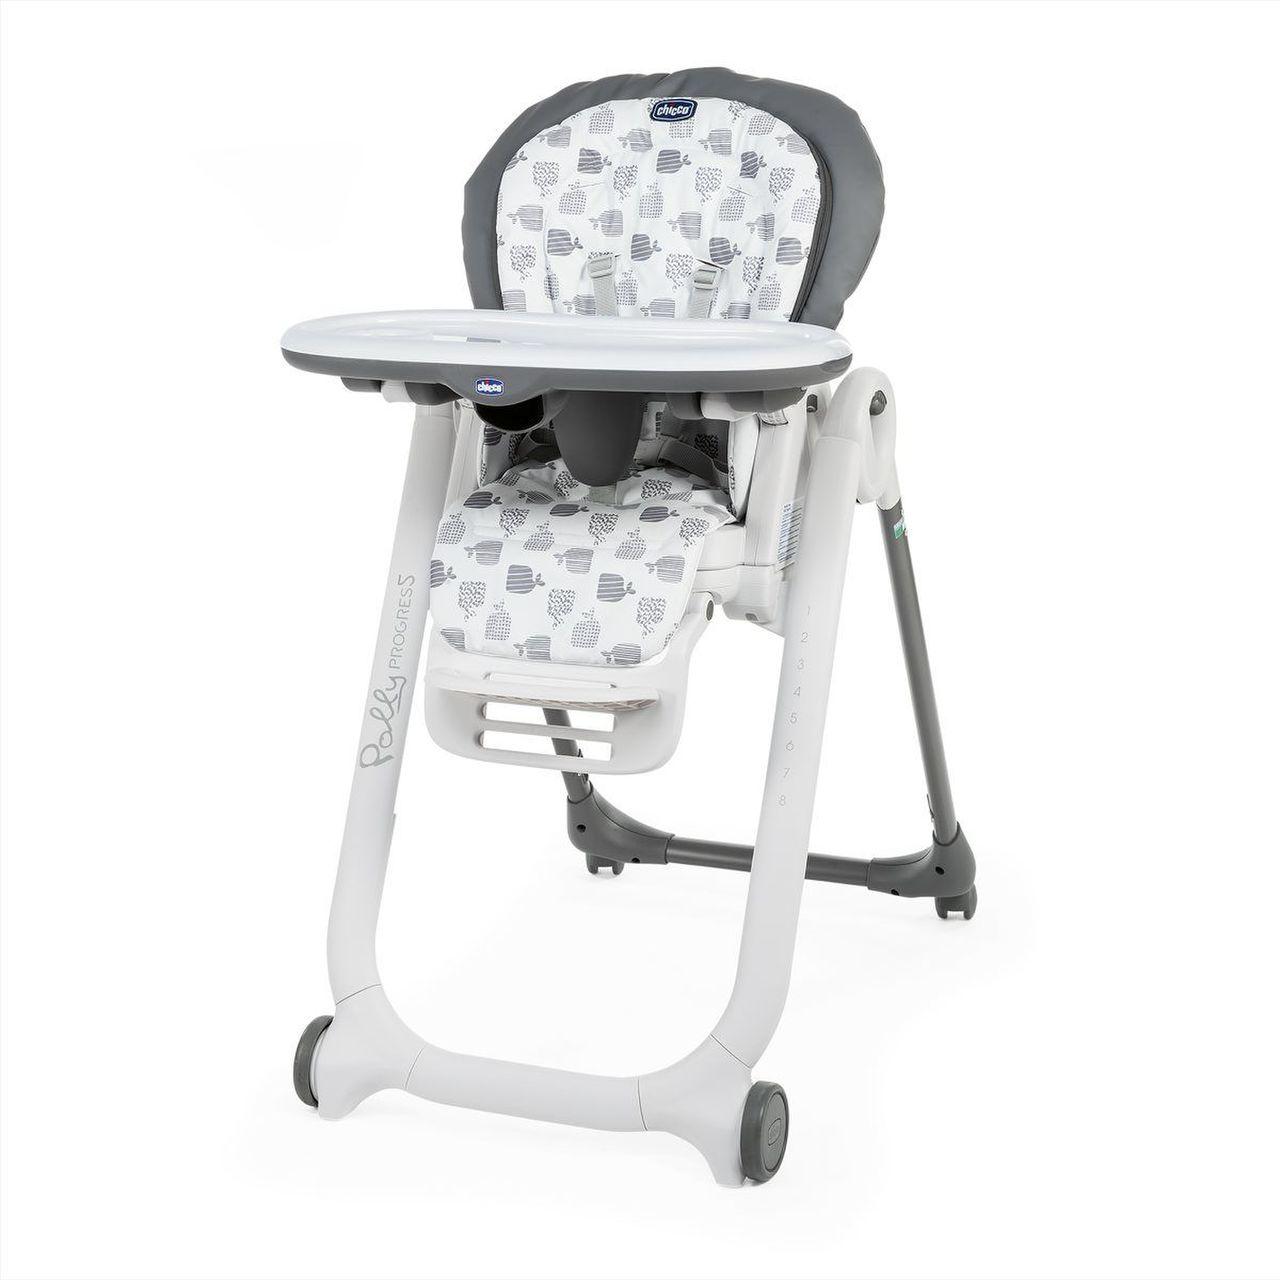 tronas para bebé - Tronas para bebé